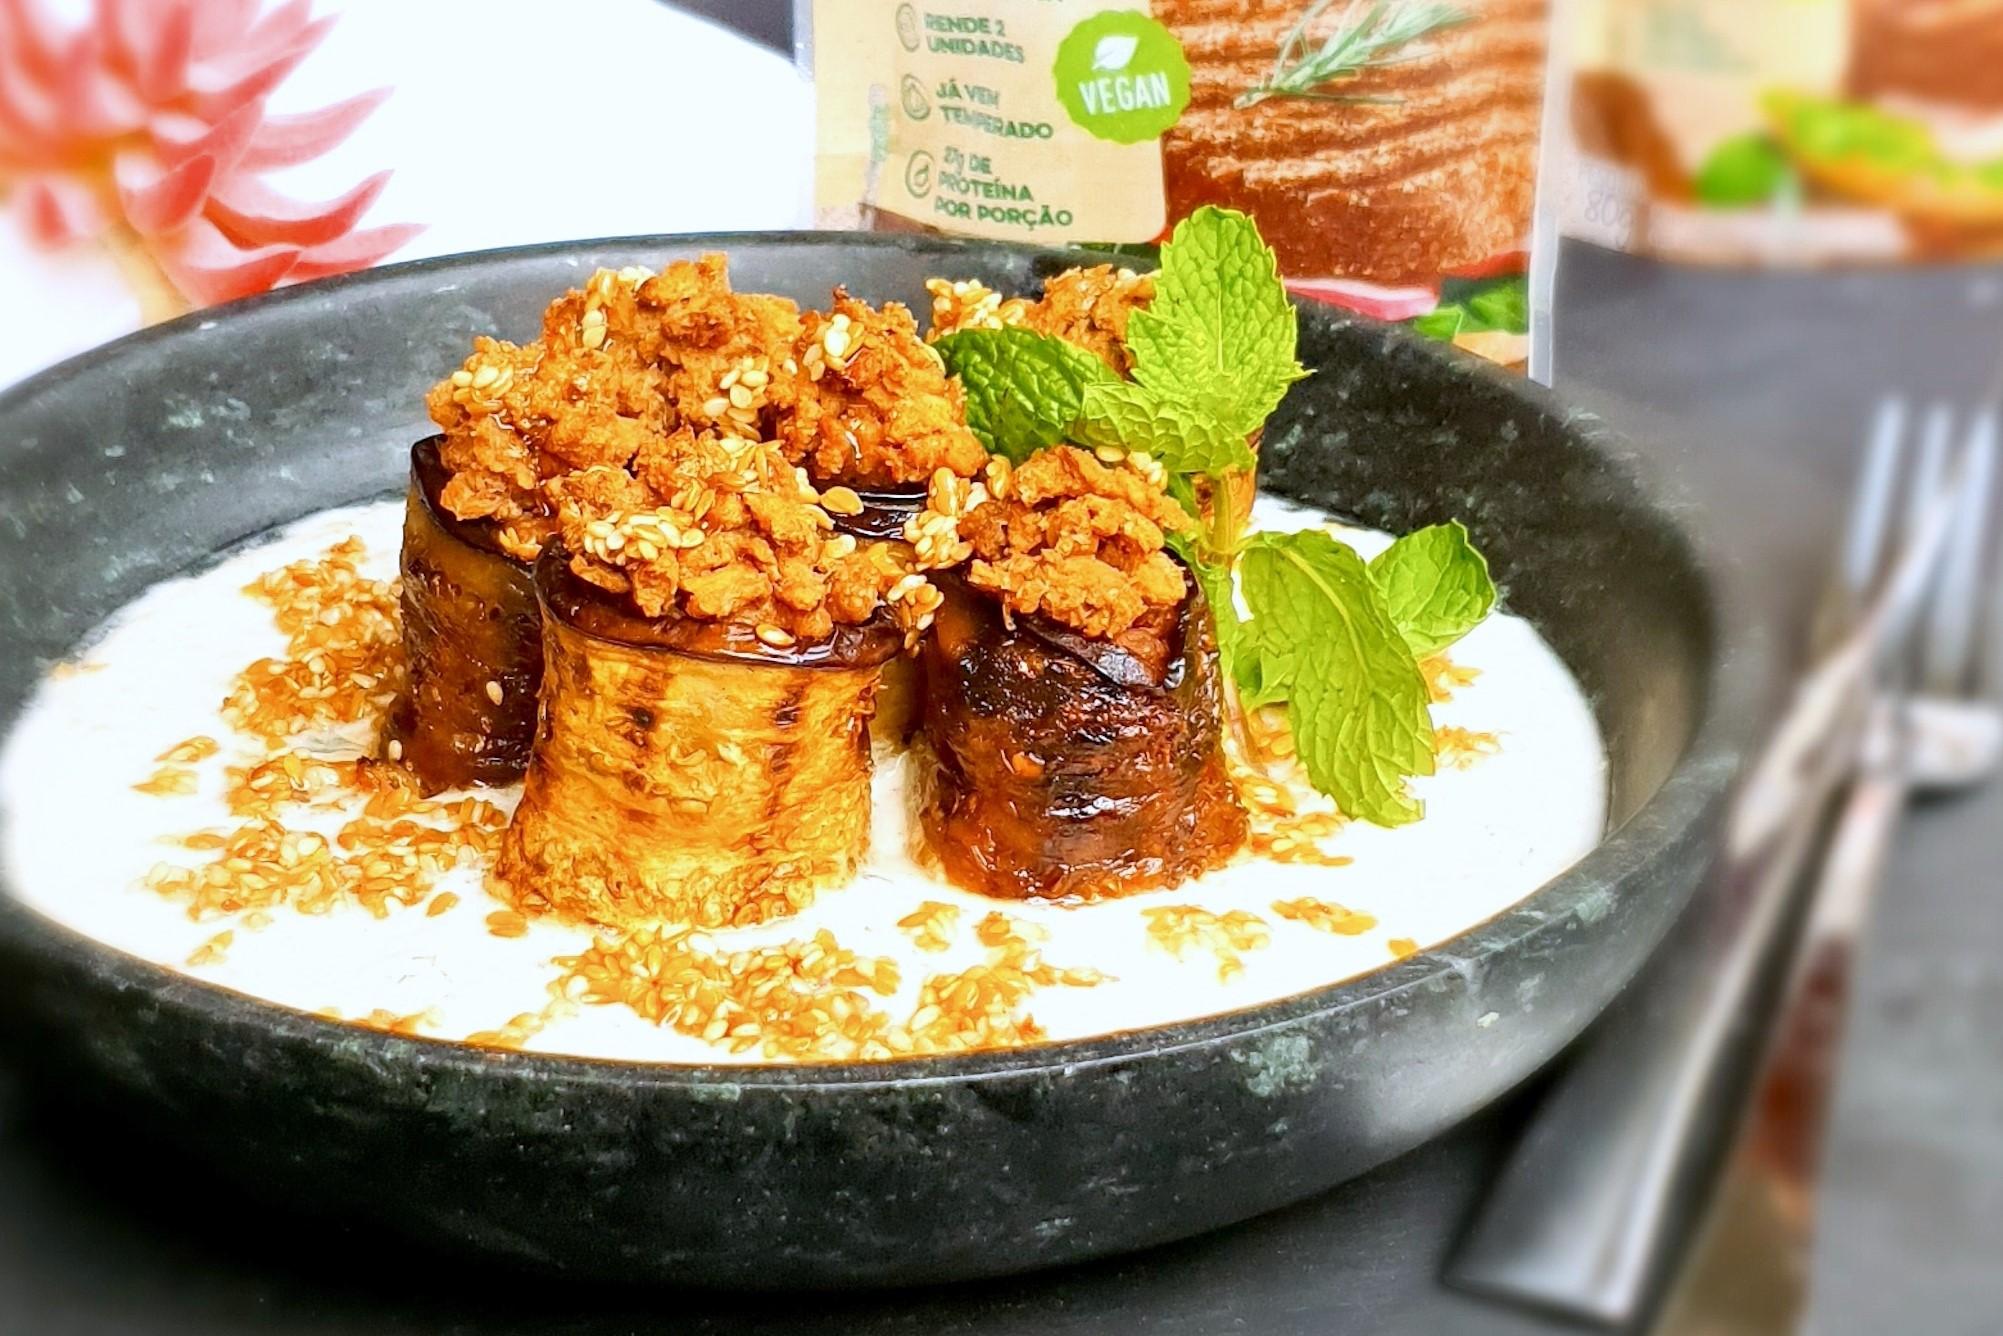 Chefs renomados desenvolvem receitas com carne vegetal em desafio online